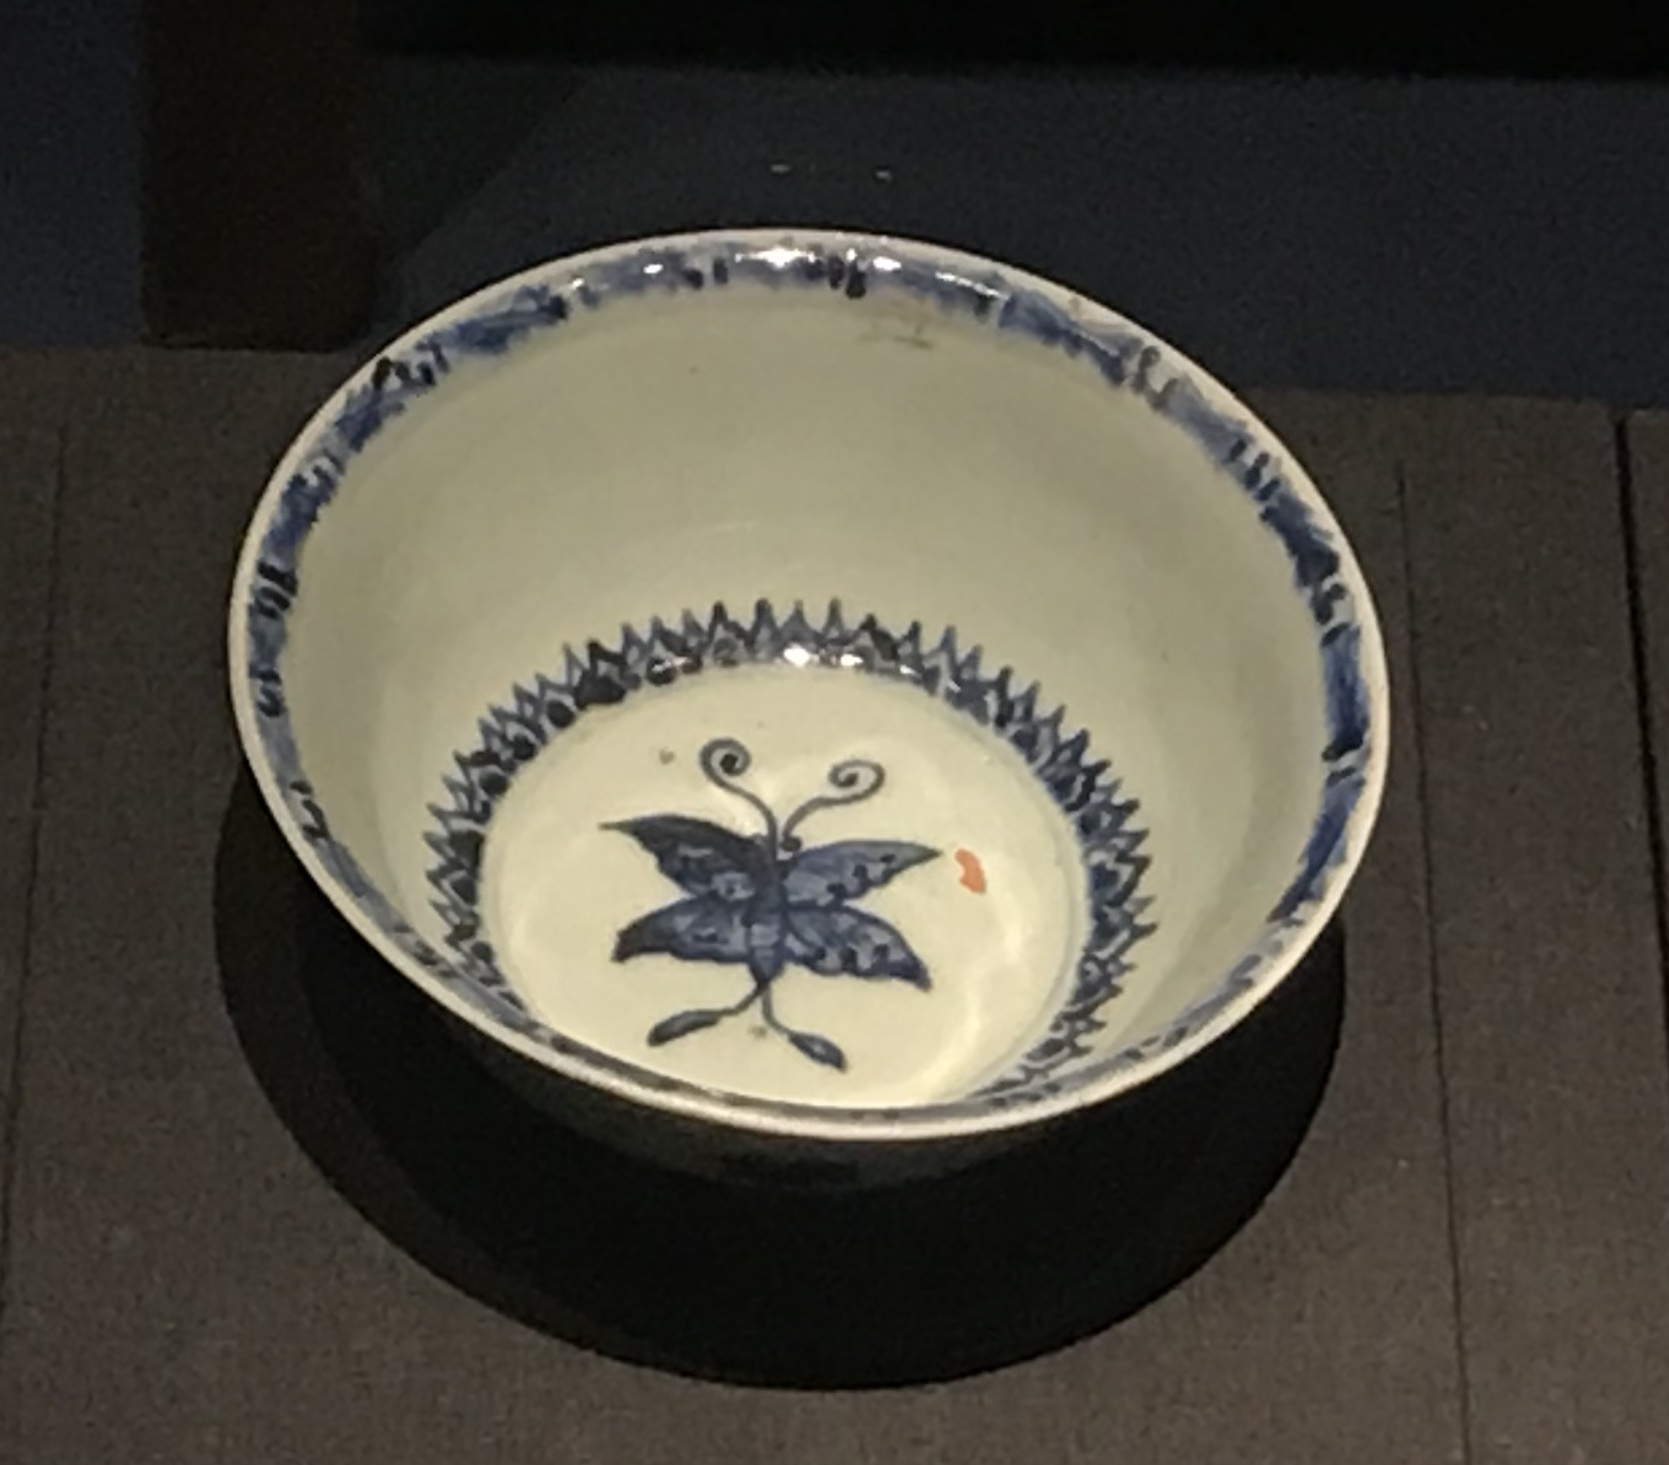 青花蝴蝶花朵磁碗-明清時代-常設展F3-成都博物館